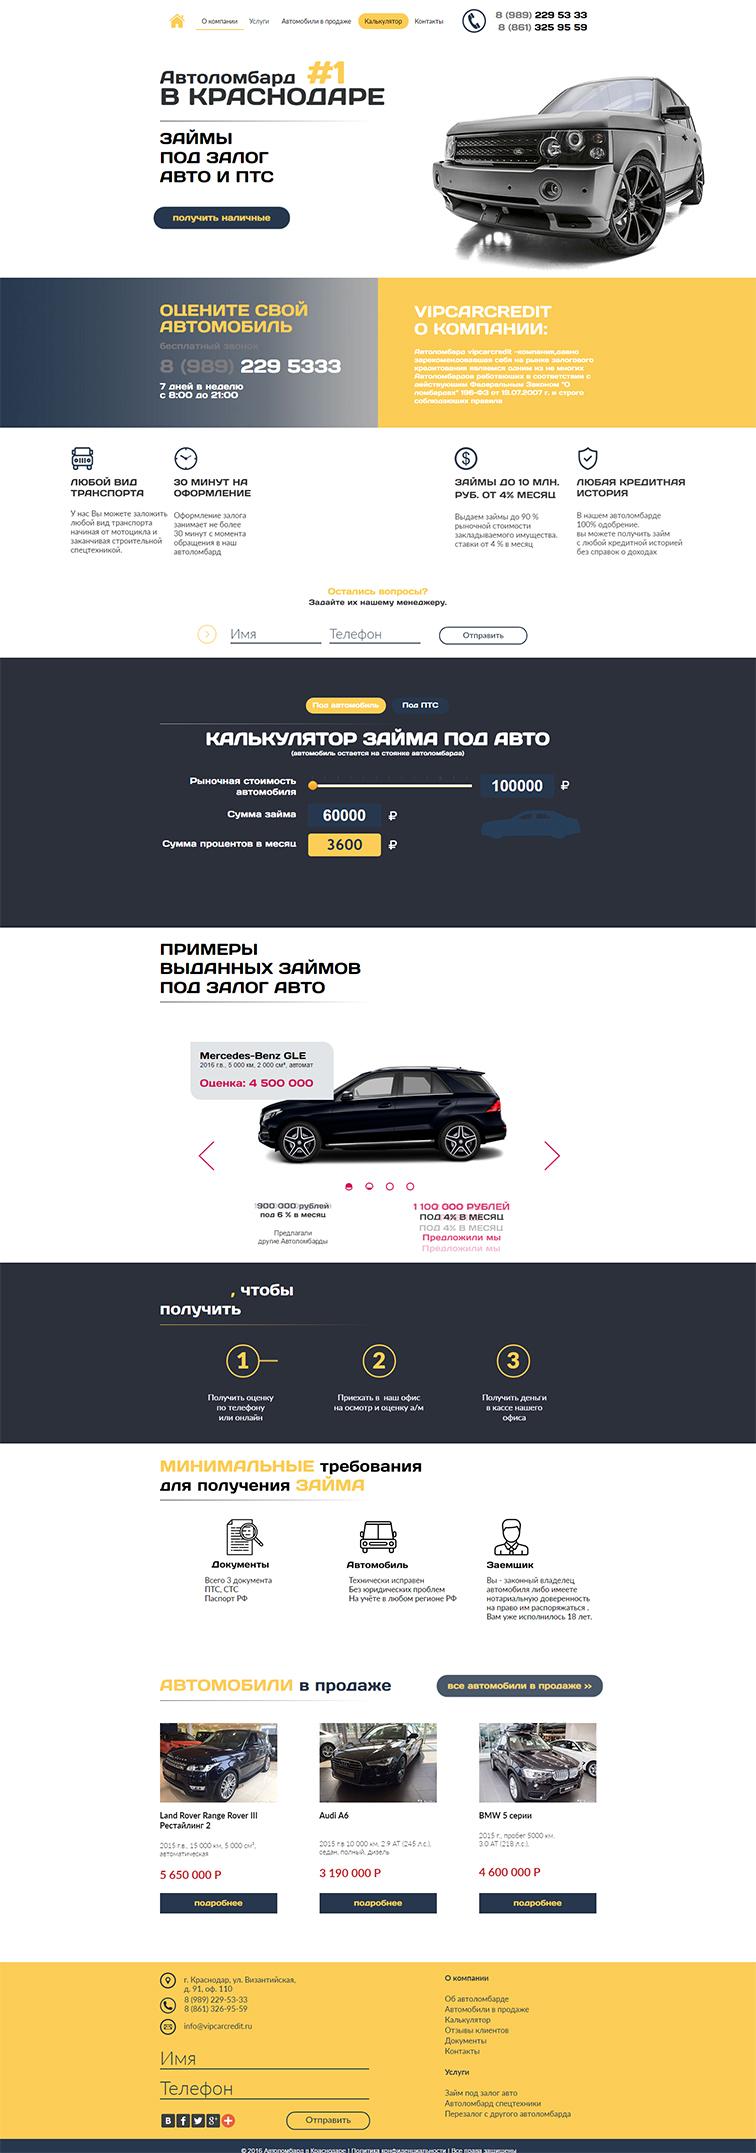 Купить новое авто в кредит в симферополе